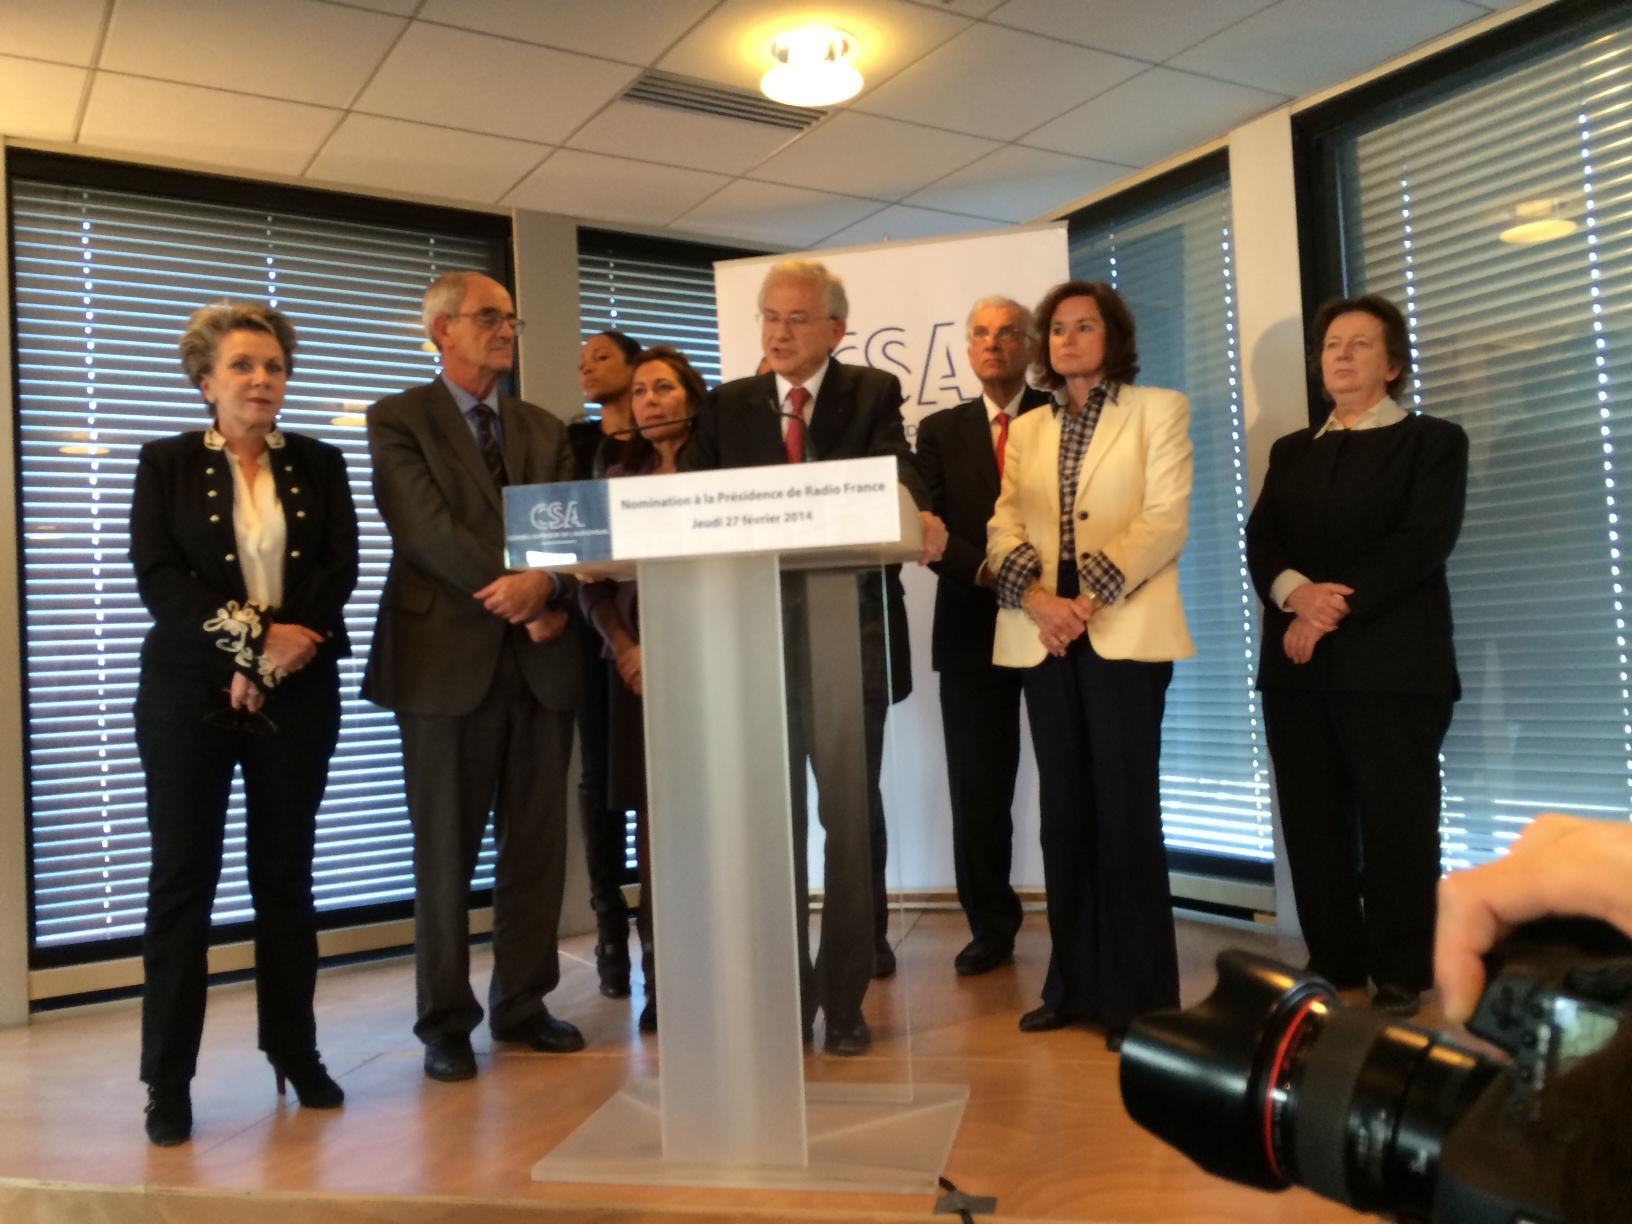 Le choix d'Olivier Schrameck, Président du Conseil supérieur de l'audiovisuel et des Membres du Collège s'est donc porté sur Mathieu Gallet © Serge Surpin